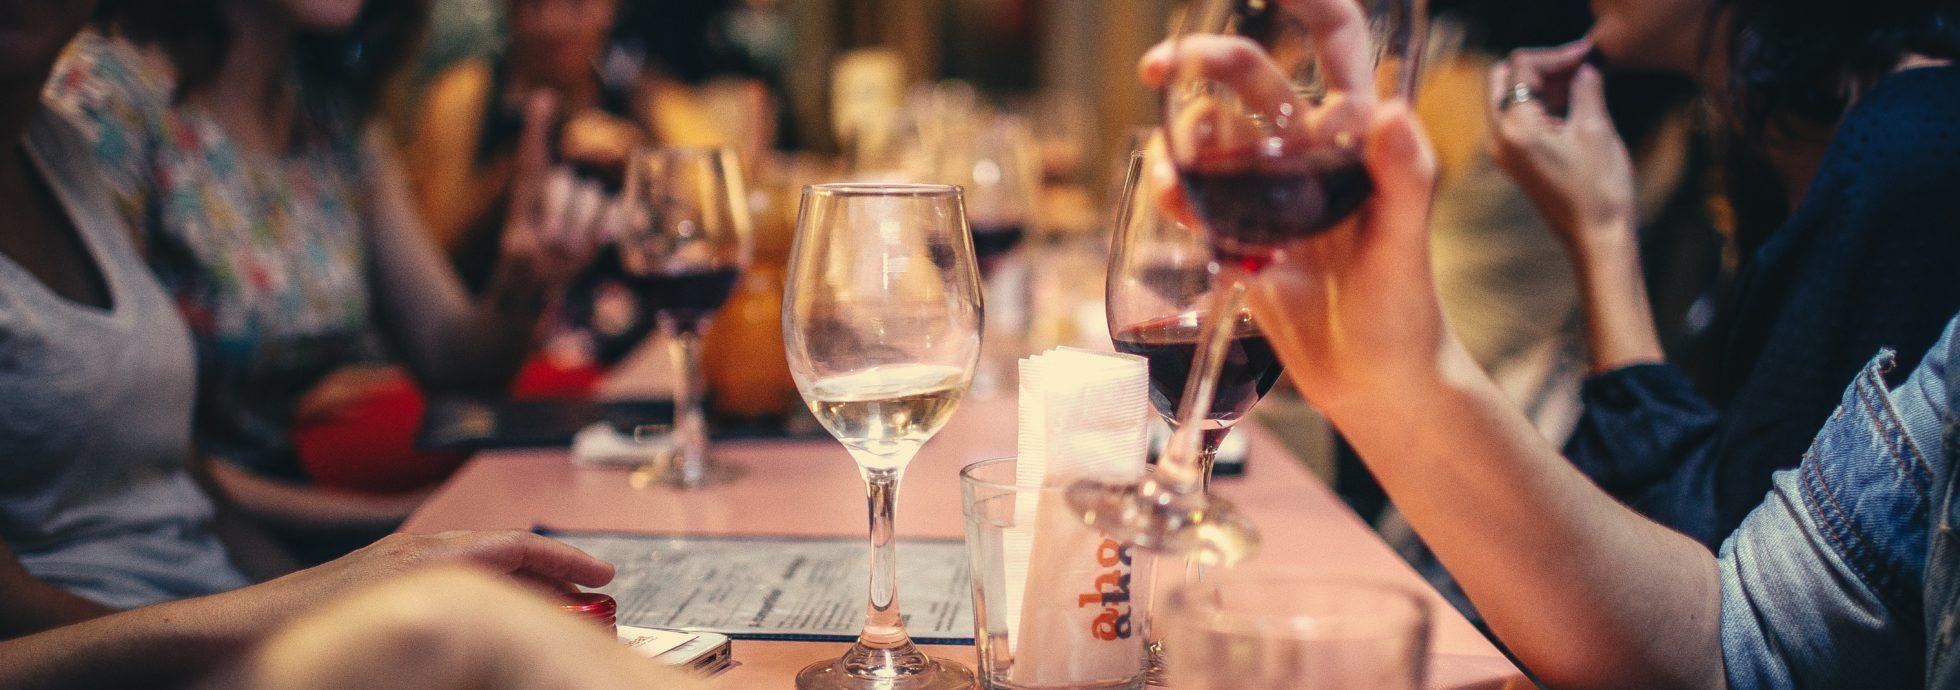 une soirée au restaurant